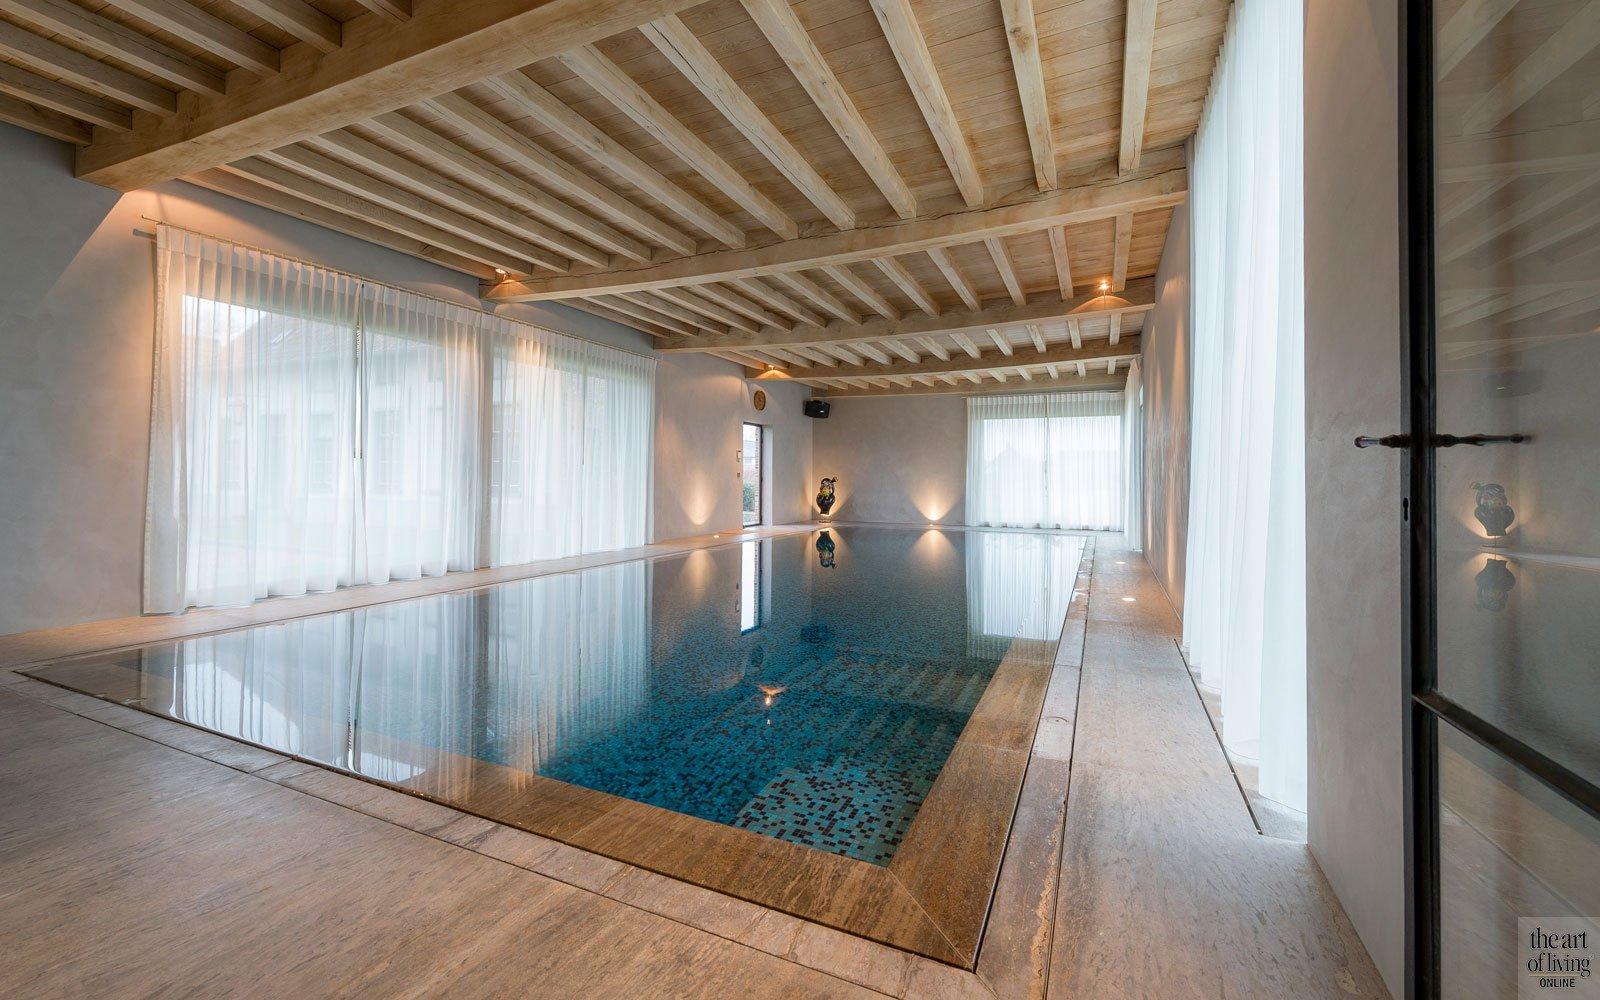 Gerenoveerde hoeve, West Vlaanderen, the art of living, zwembaden, zwembad, binnenzwembad, pool, swimming pool, exclusief